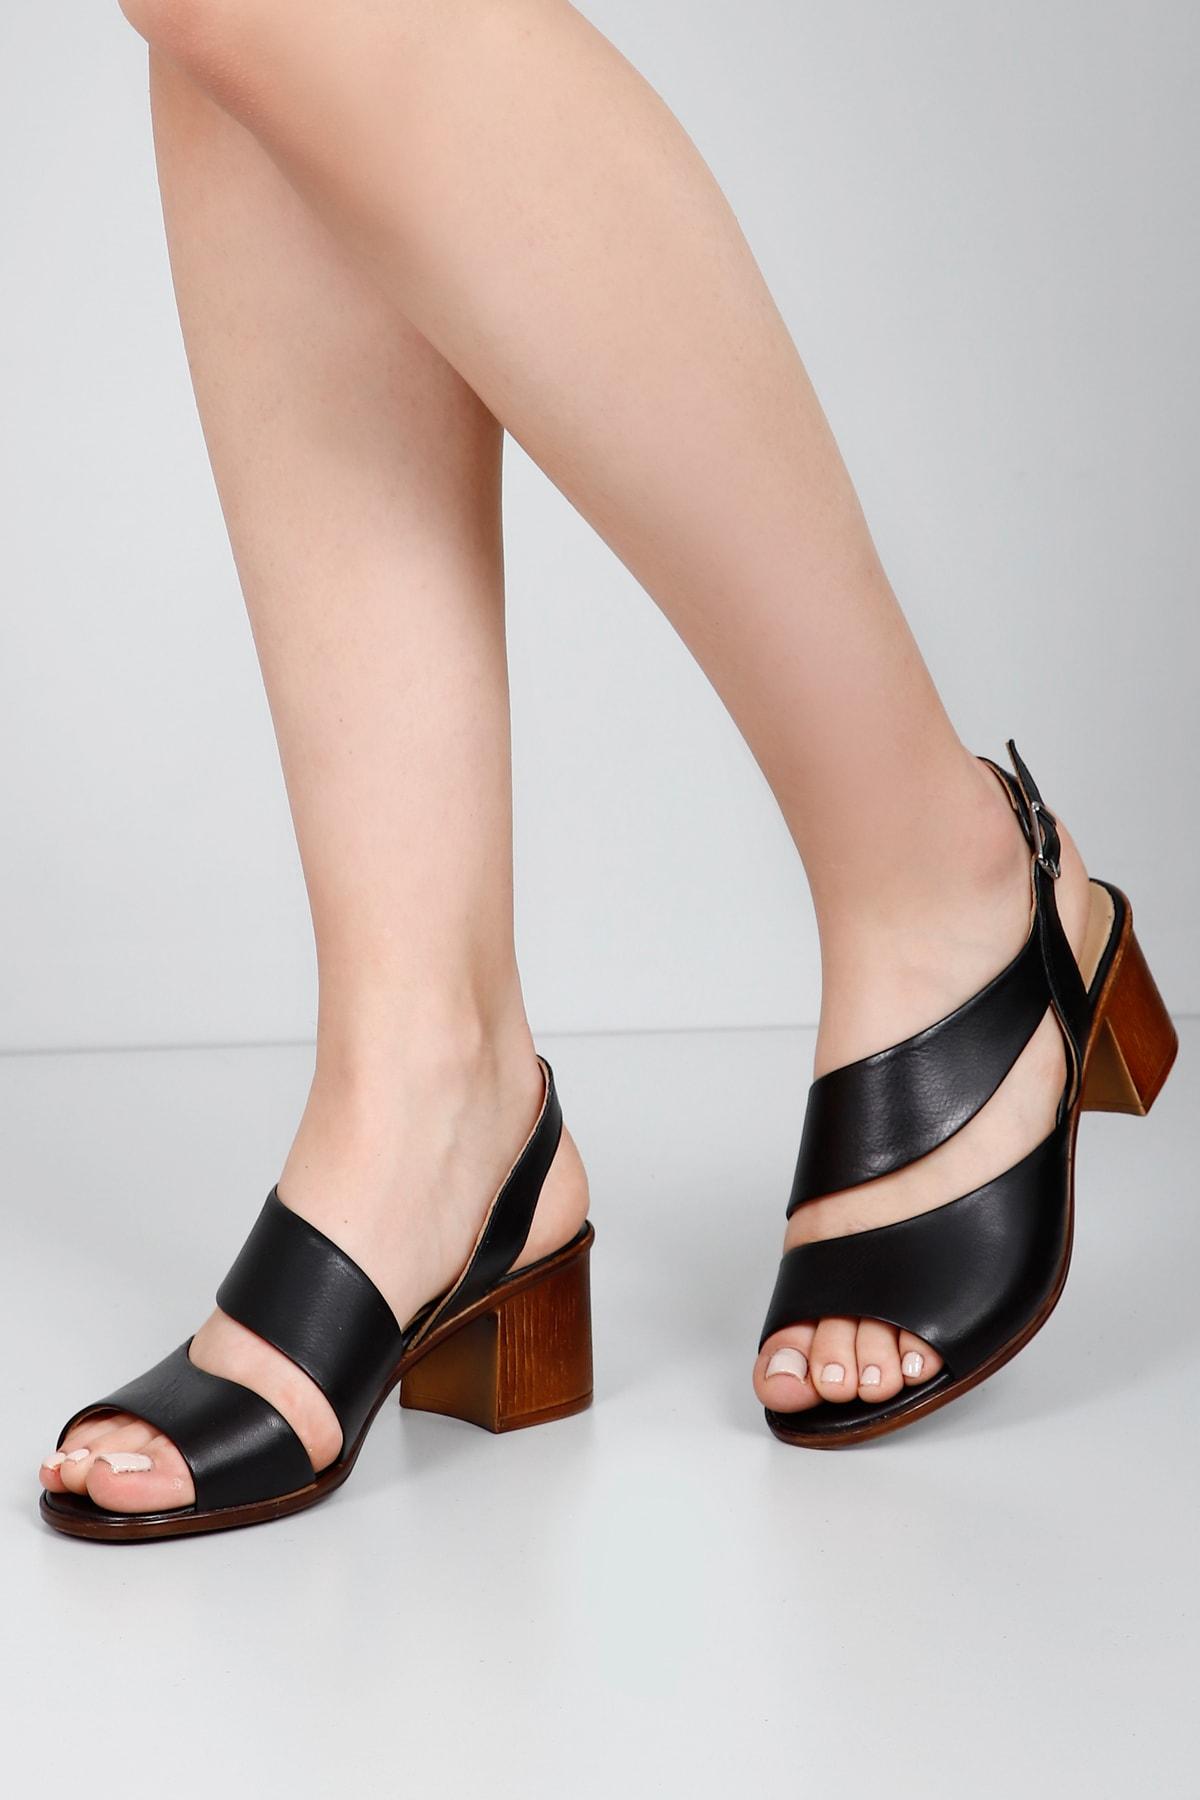 G.Ö.N Gön Hakiki Deri Kadın Sandalet 45632 1